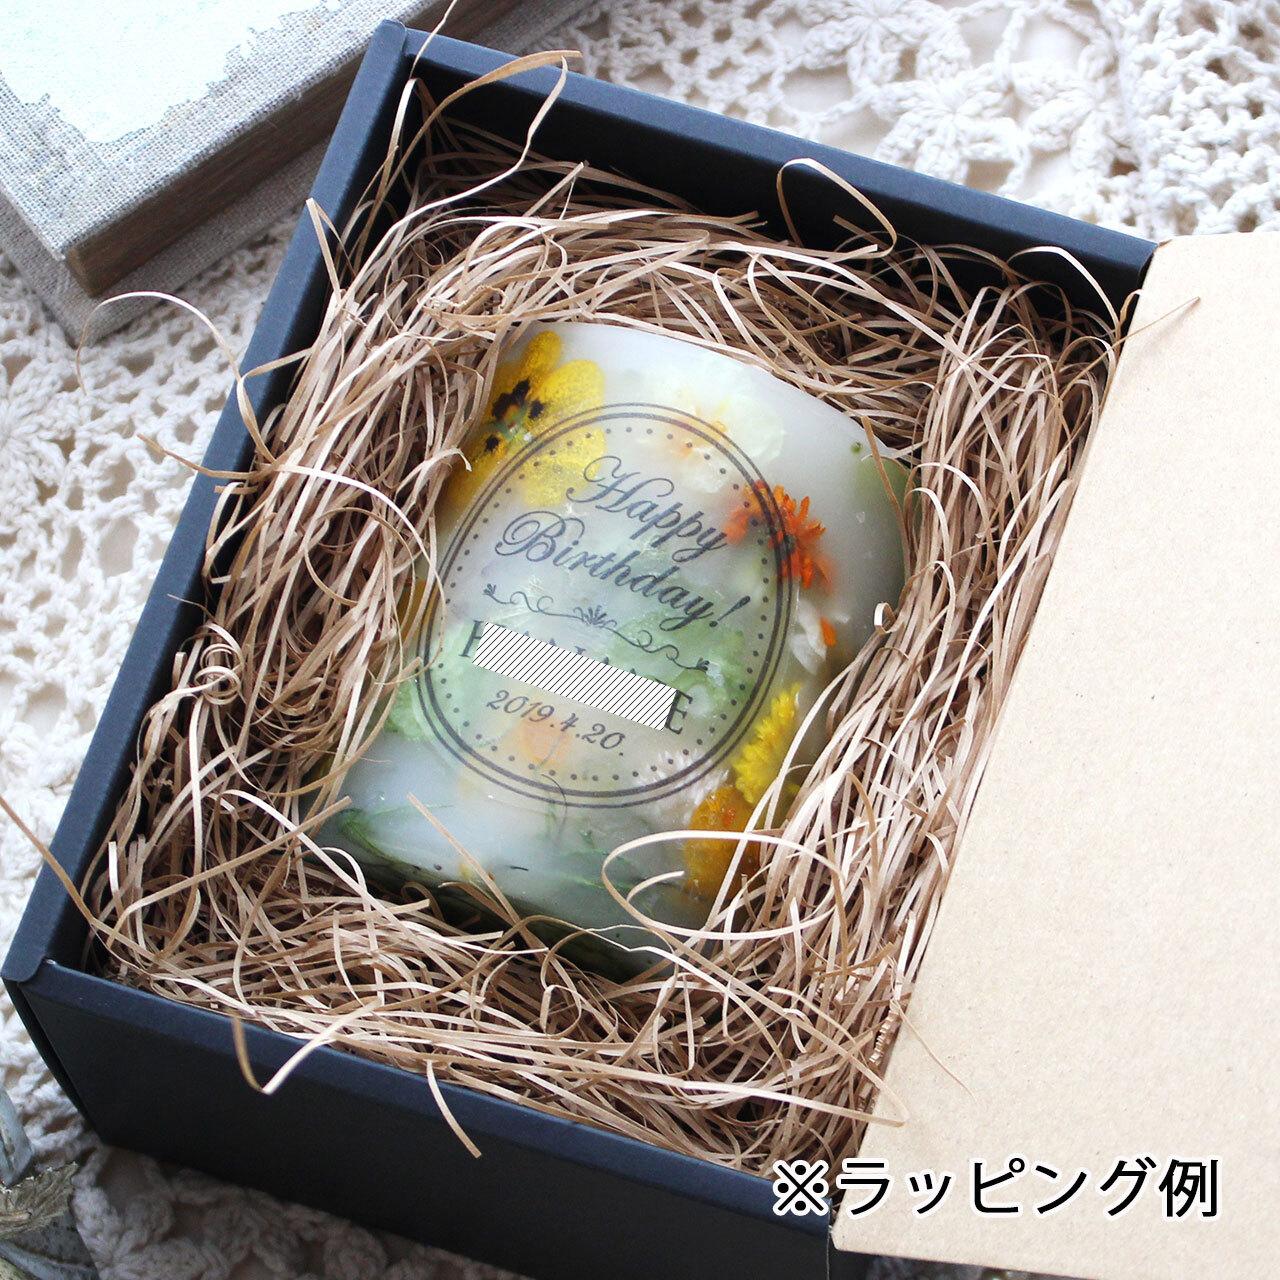 NC237 ギフトラッピング付き☆メッセージ&日付&名入れボタニカルキャンドル プリザーブドローズ